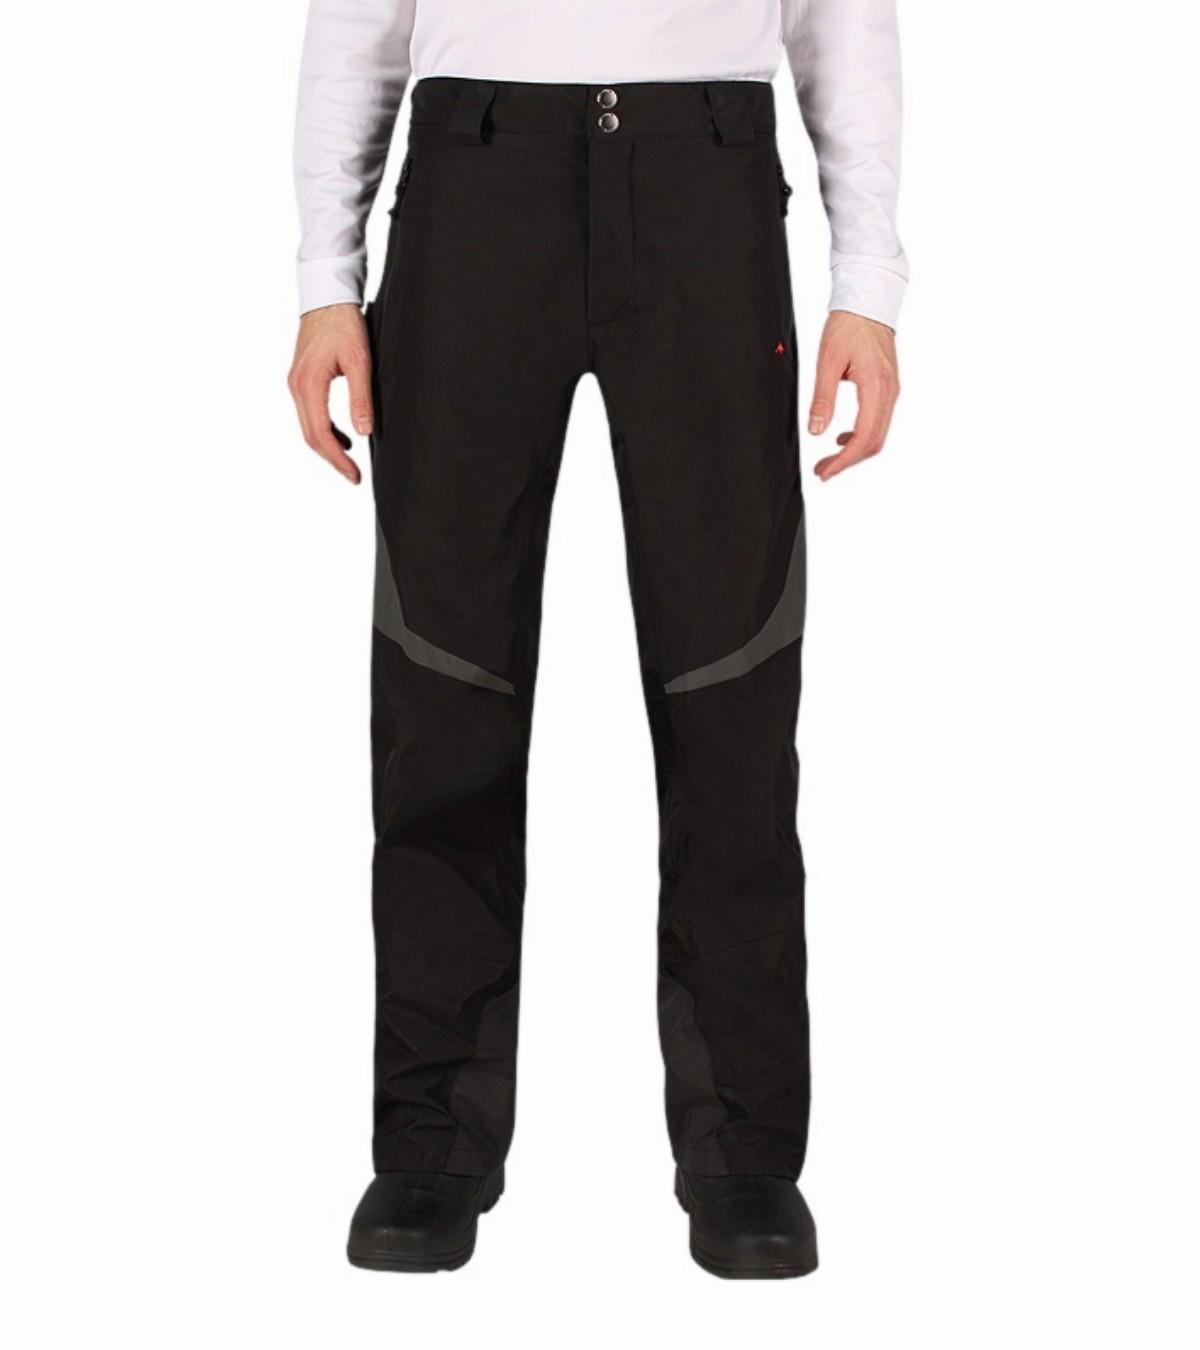 comprar modelos de gran variedad disfruta el precio más bajo Pantalon impermeable de hombre Cinetic